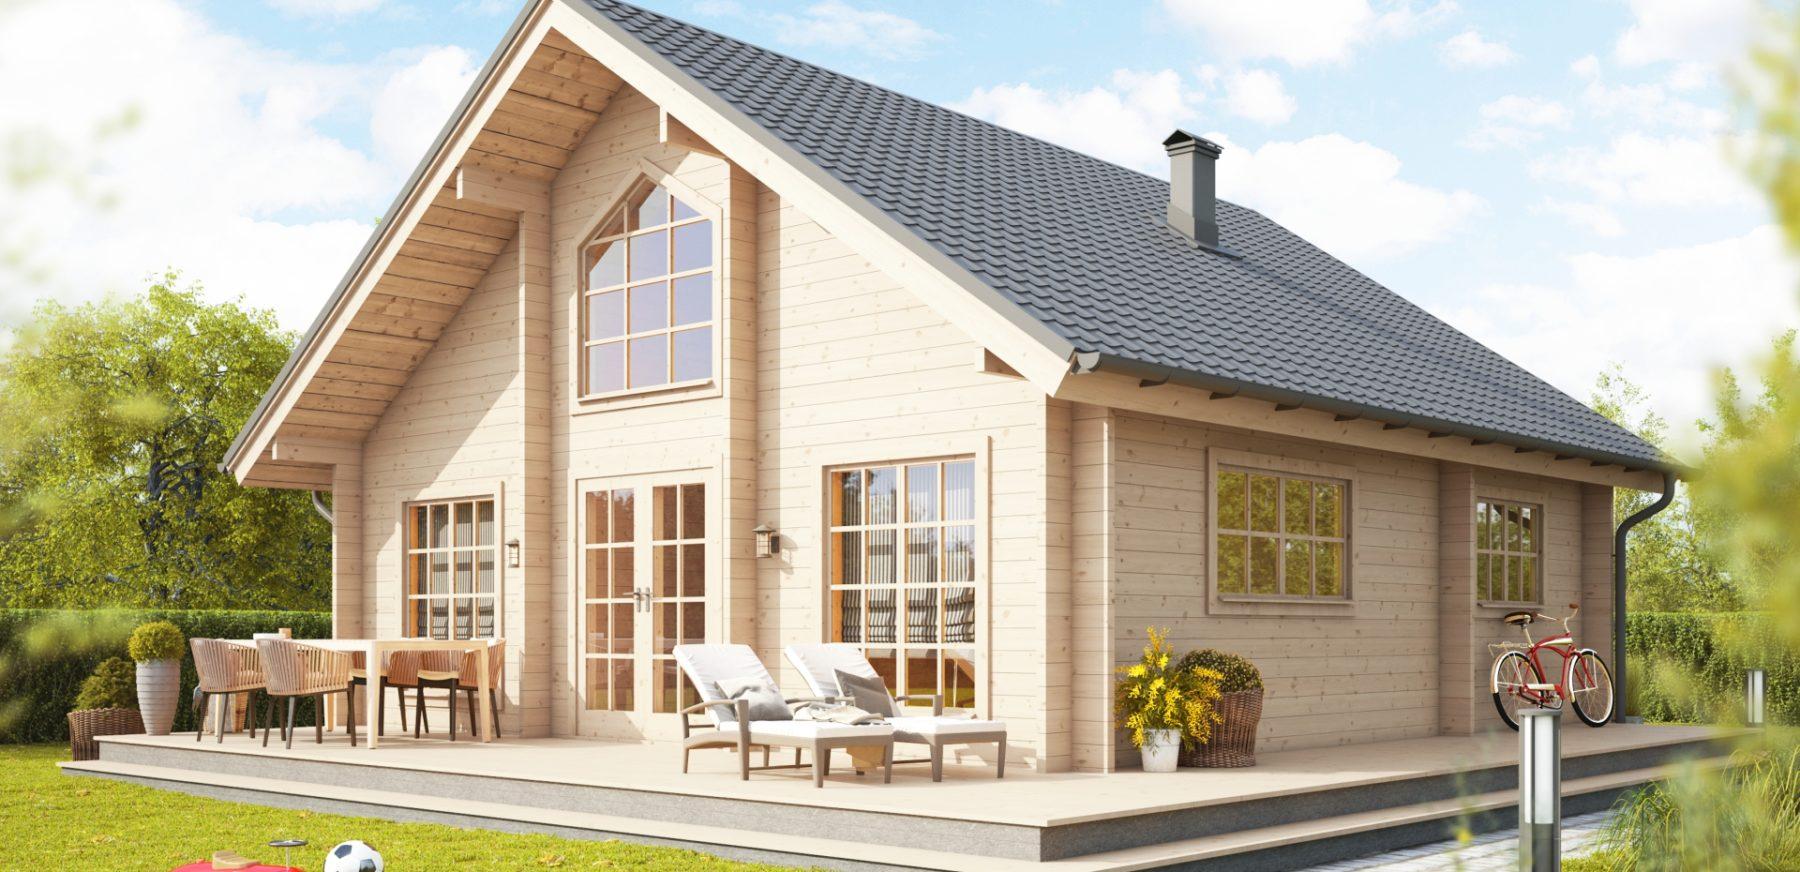 Residential Cabin - LARS